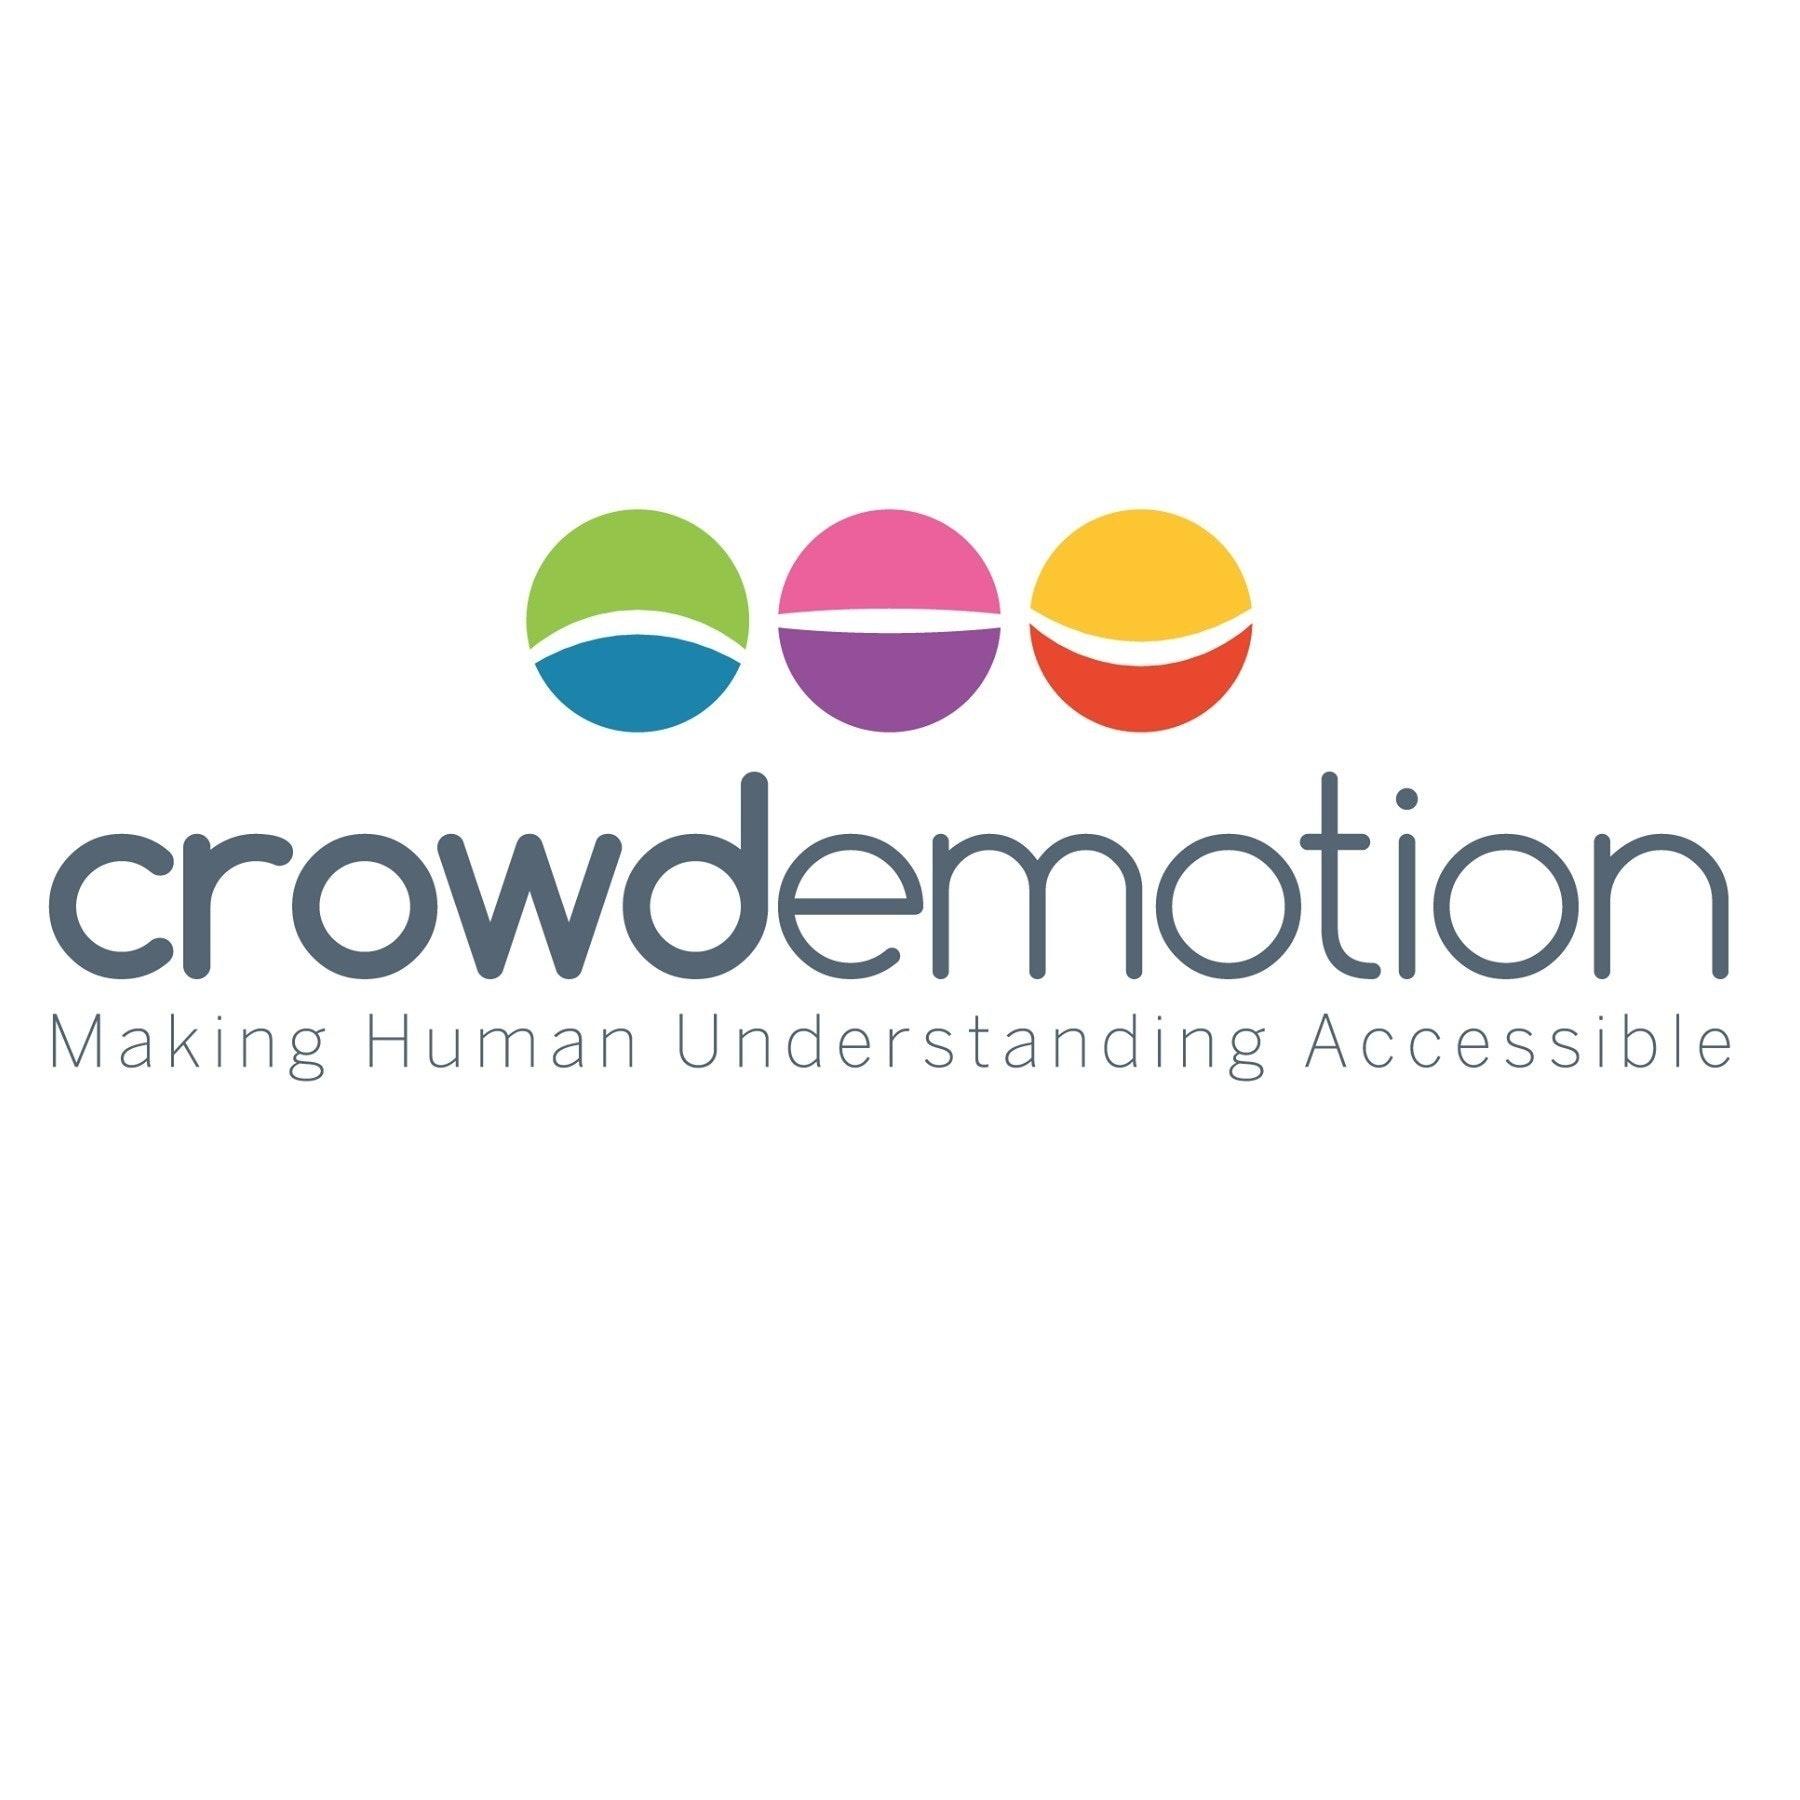 CrowdEmotion